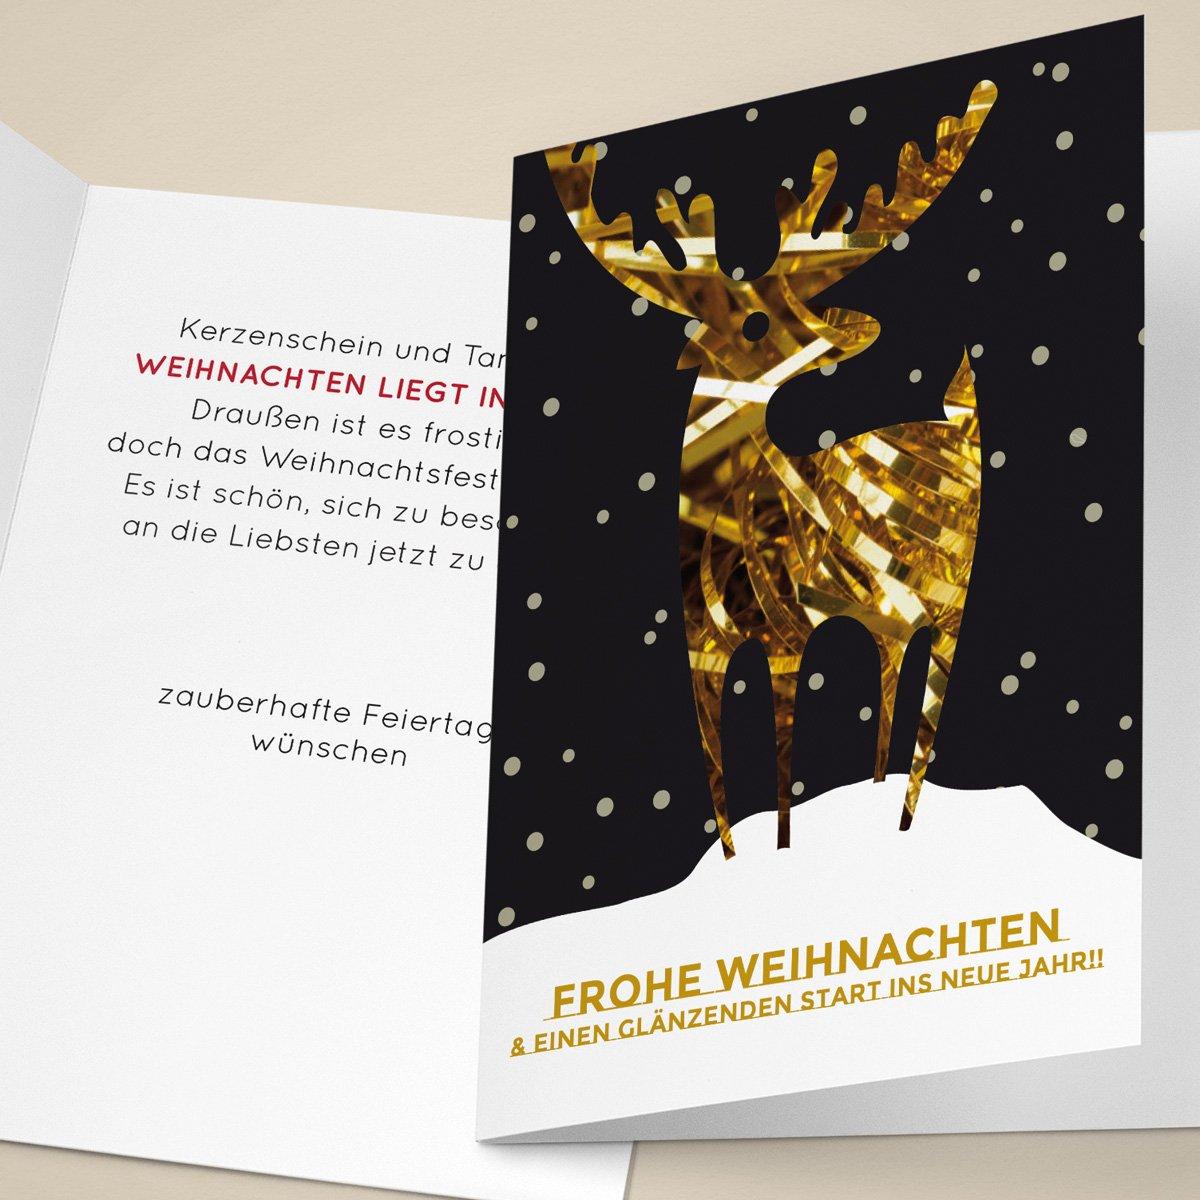 Gewaltig Edle Weihnachtskarten Basteln Beste Wahl 20er Set Unternehmen Mit Goldigem Hirsch Im